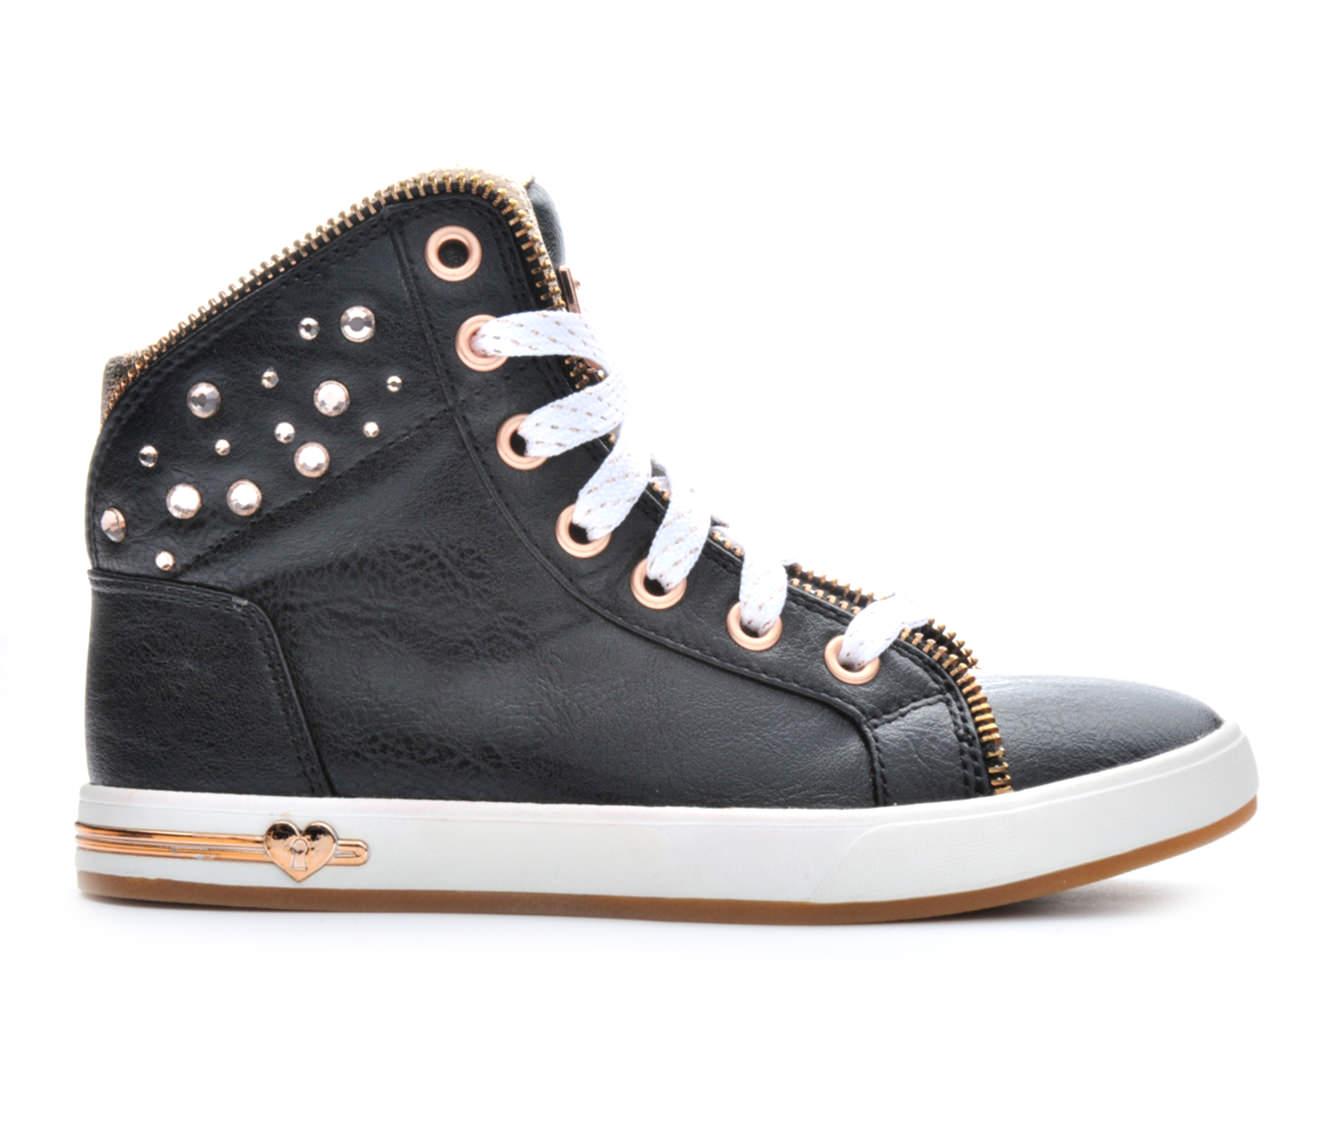 Girls' Skechers Shoutout Zipper Fancy Sneakers (Black)